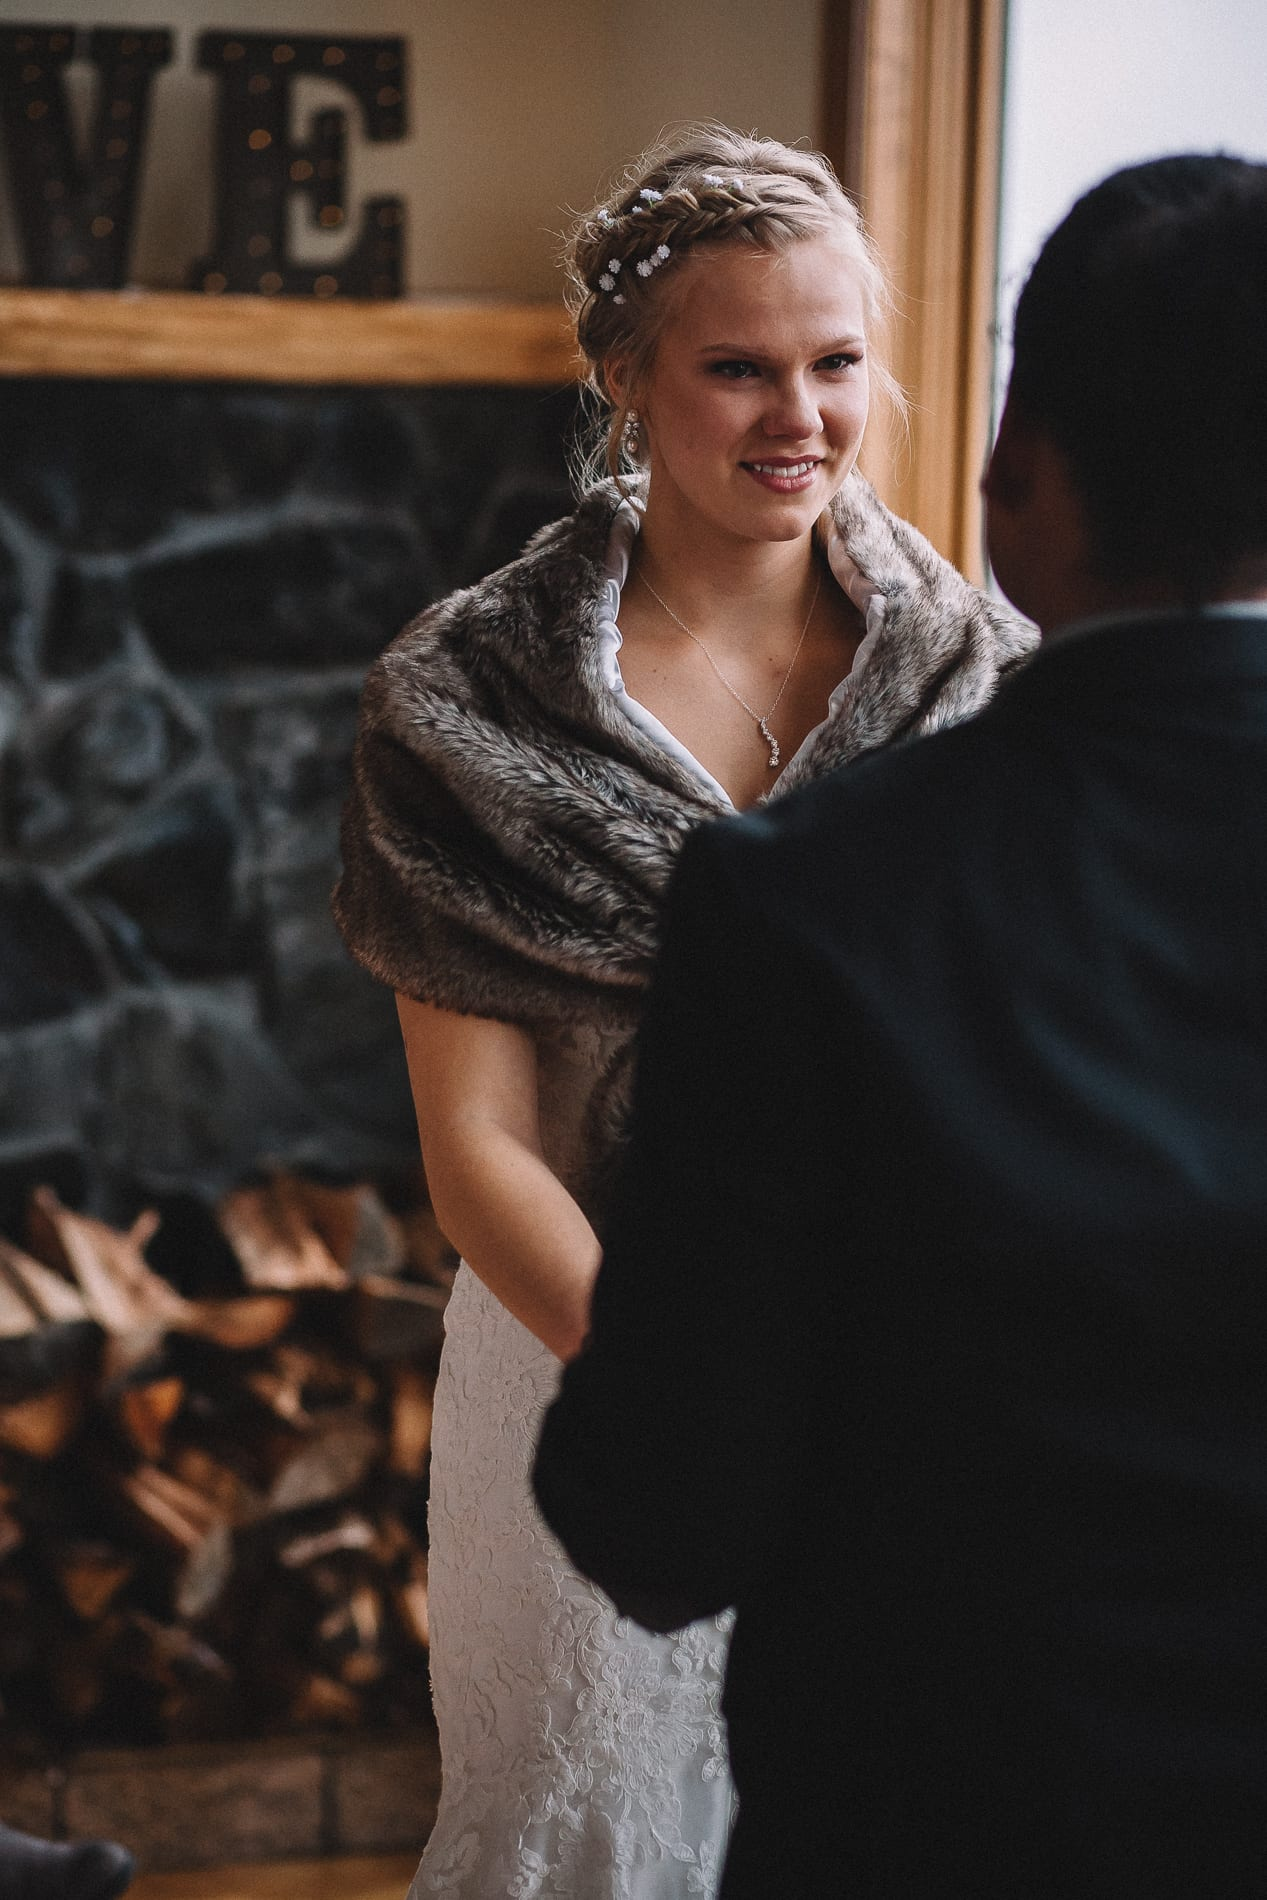 morrow-ranch-round-mountain-wedding-photo-48